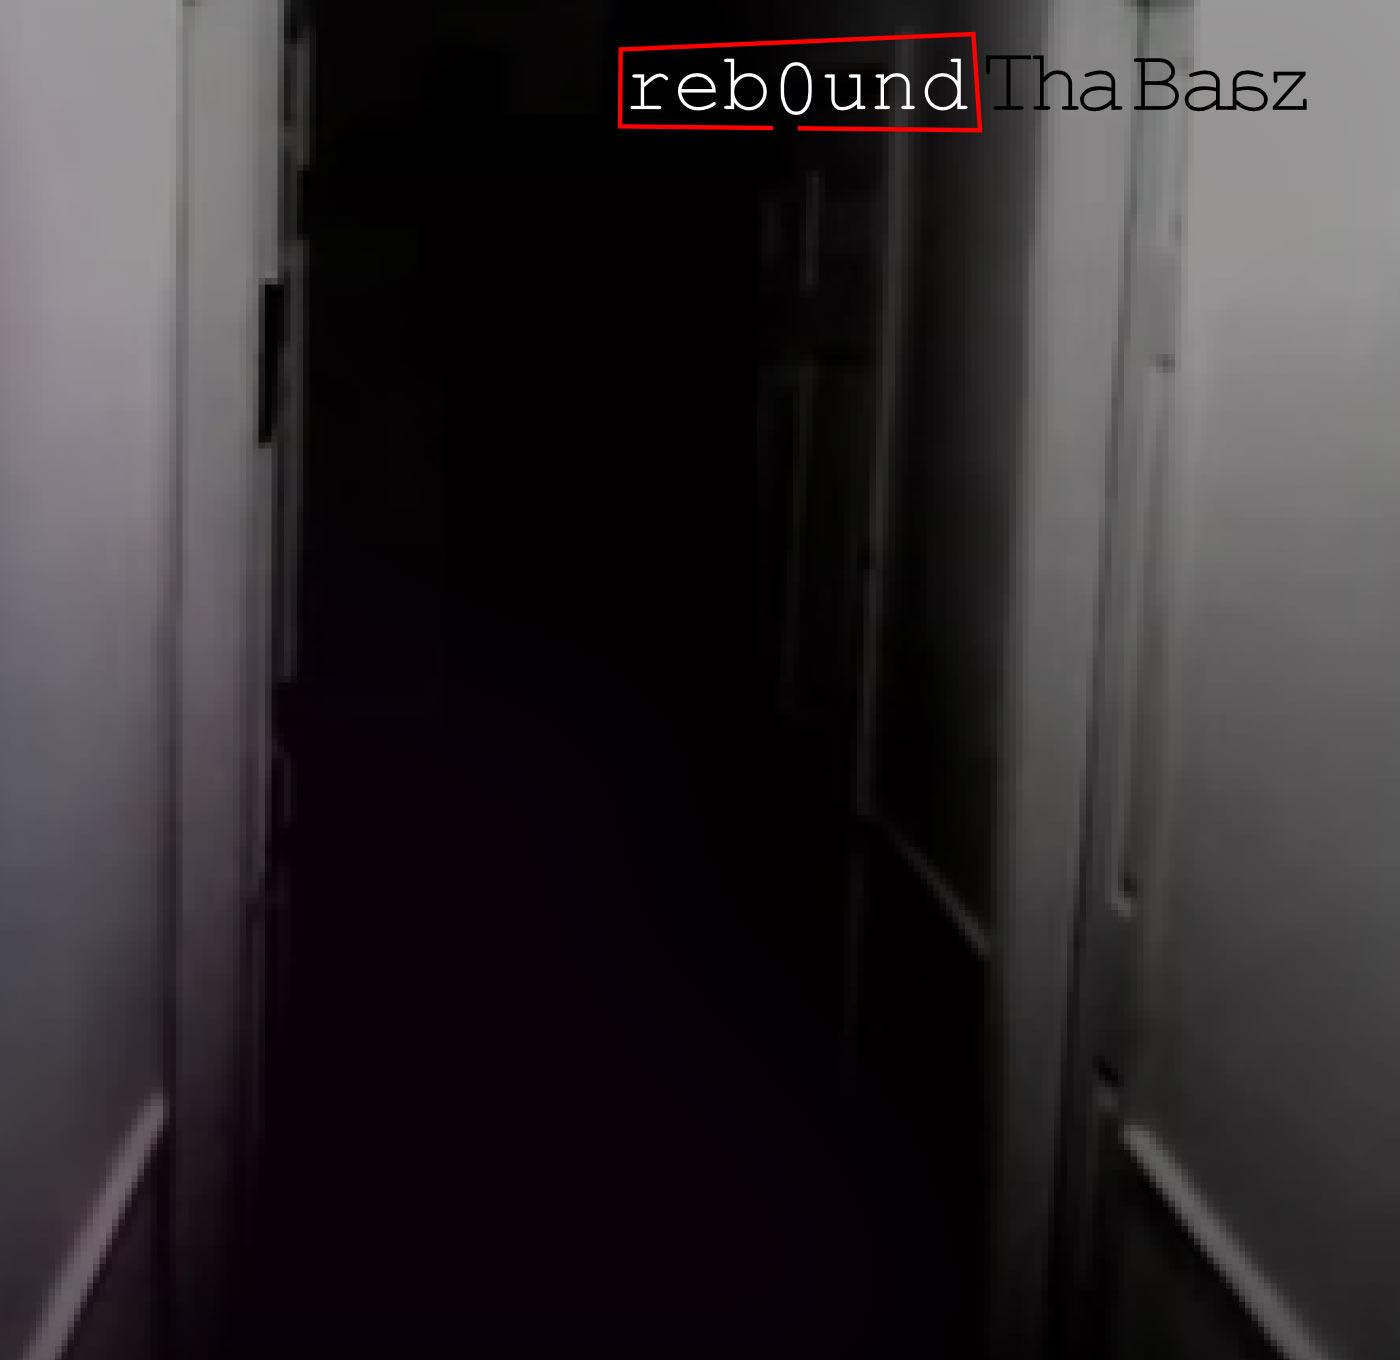 IYE 26 - ThaBaaz - reb0und MP3 1